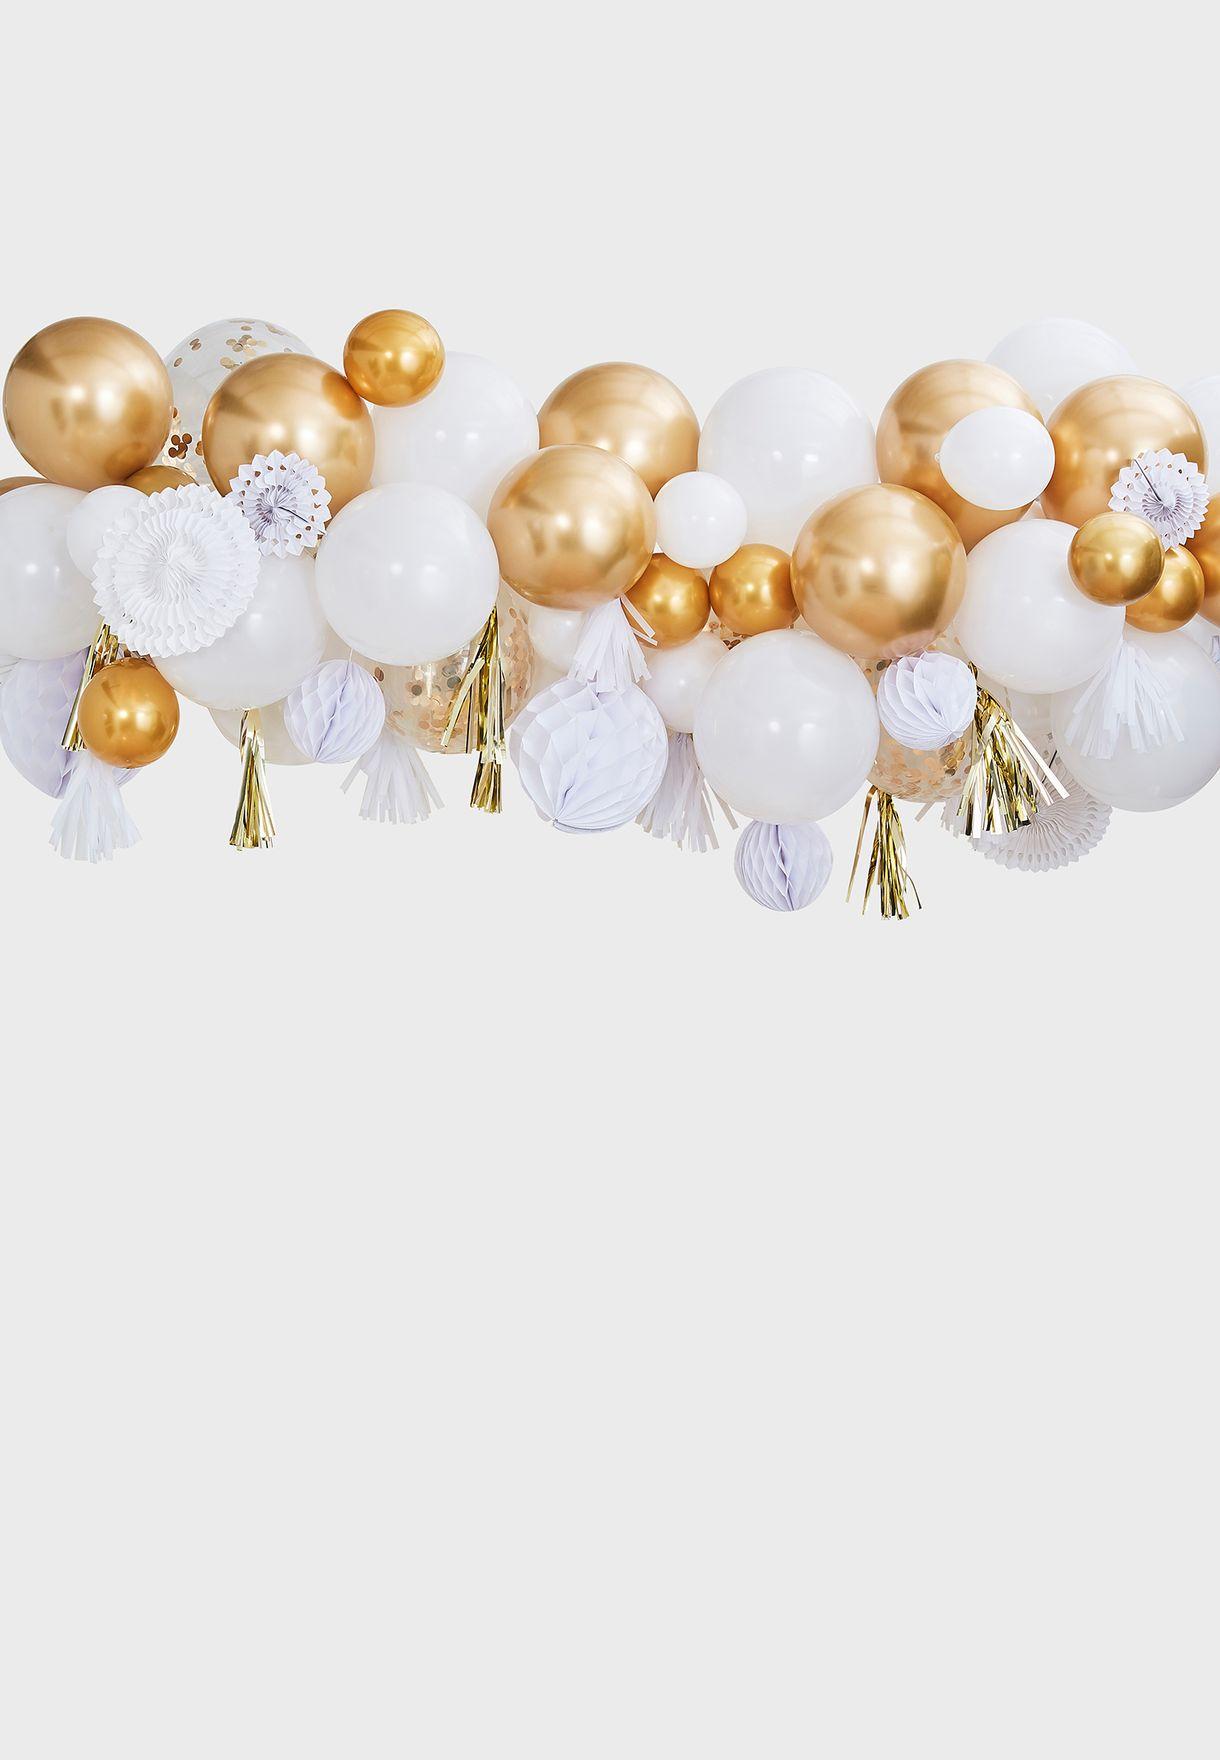 بالونات ذهبية، مراوح لخلفية مميزة